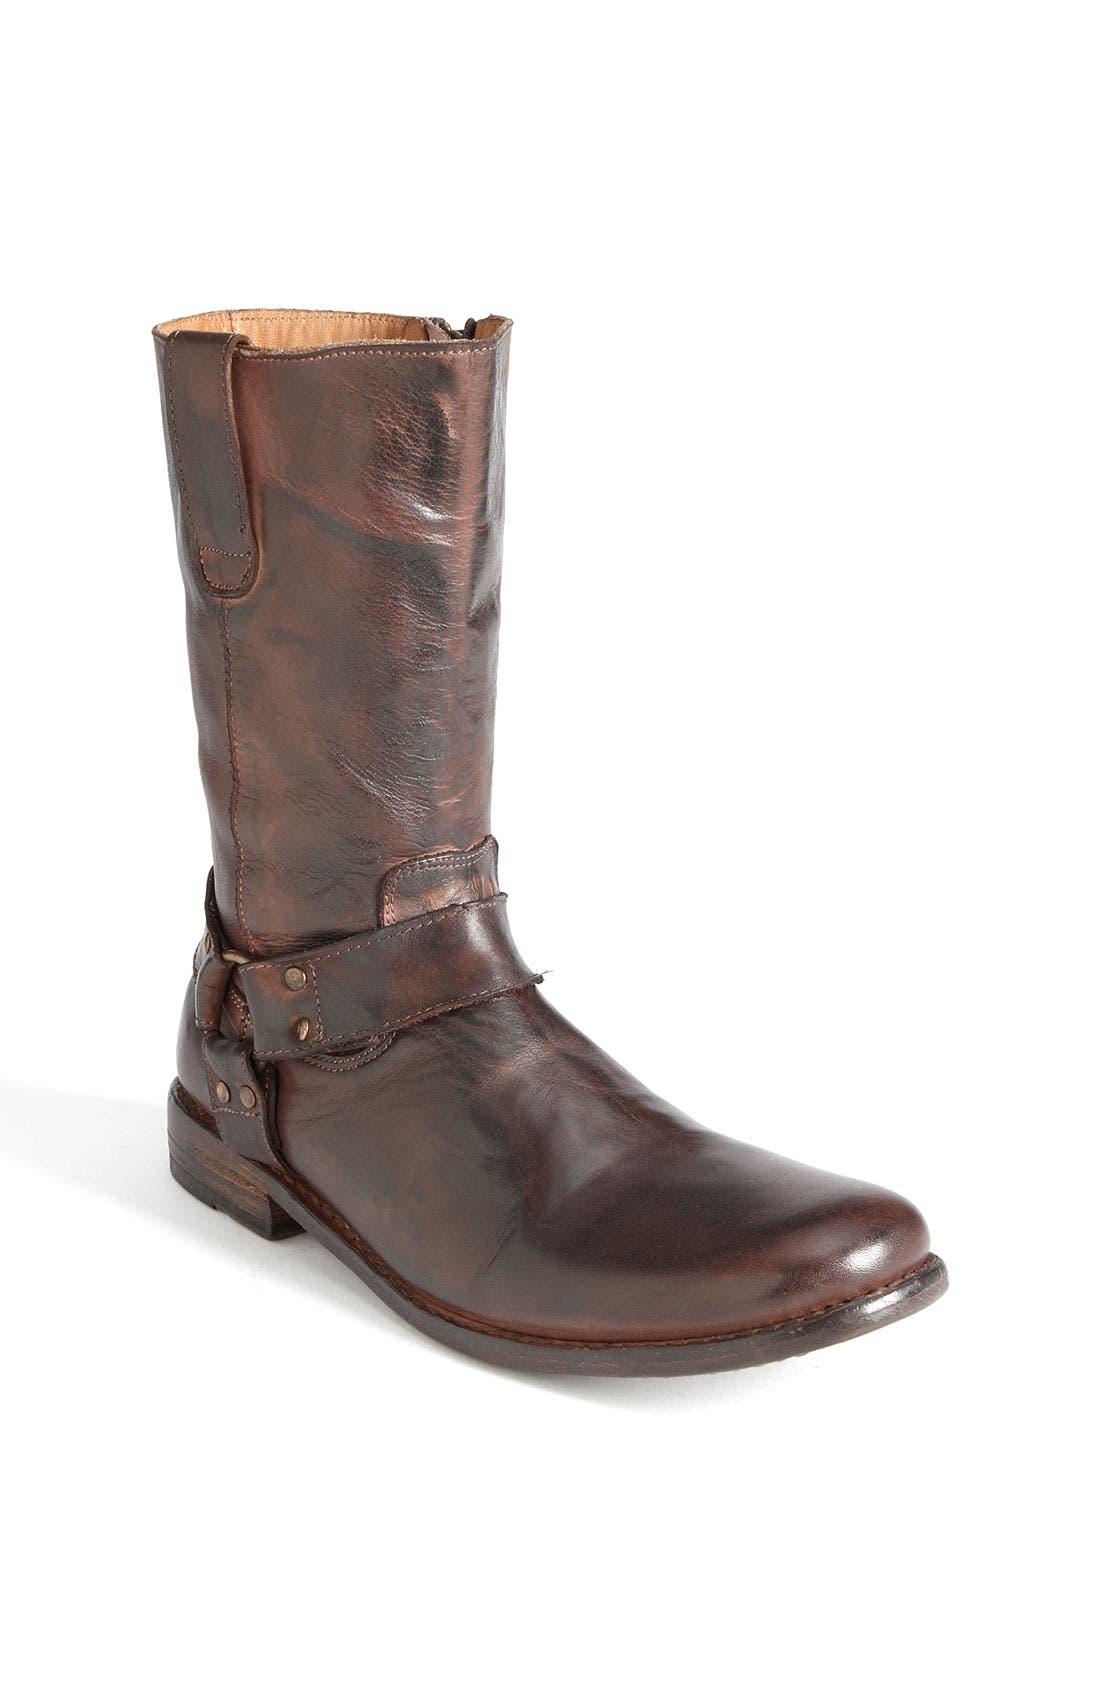 Alternate Image 1 Selected - Bed Stu 'Libra' Boot